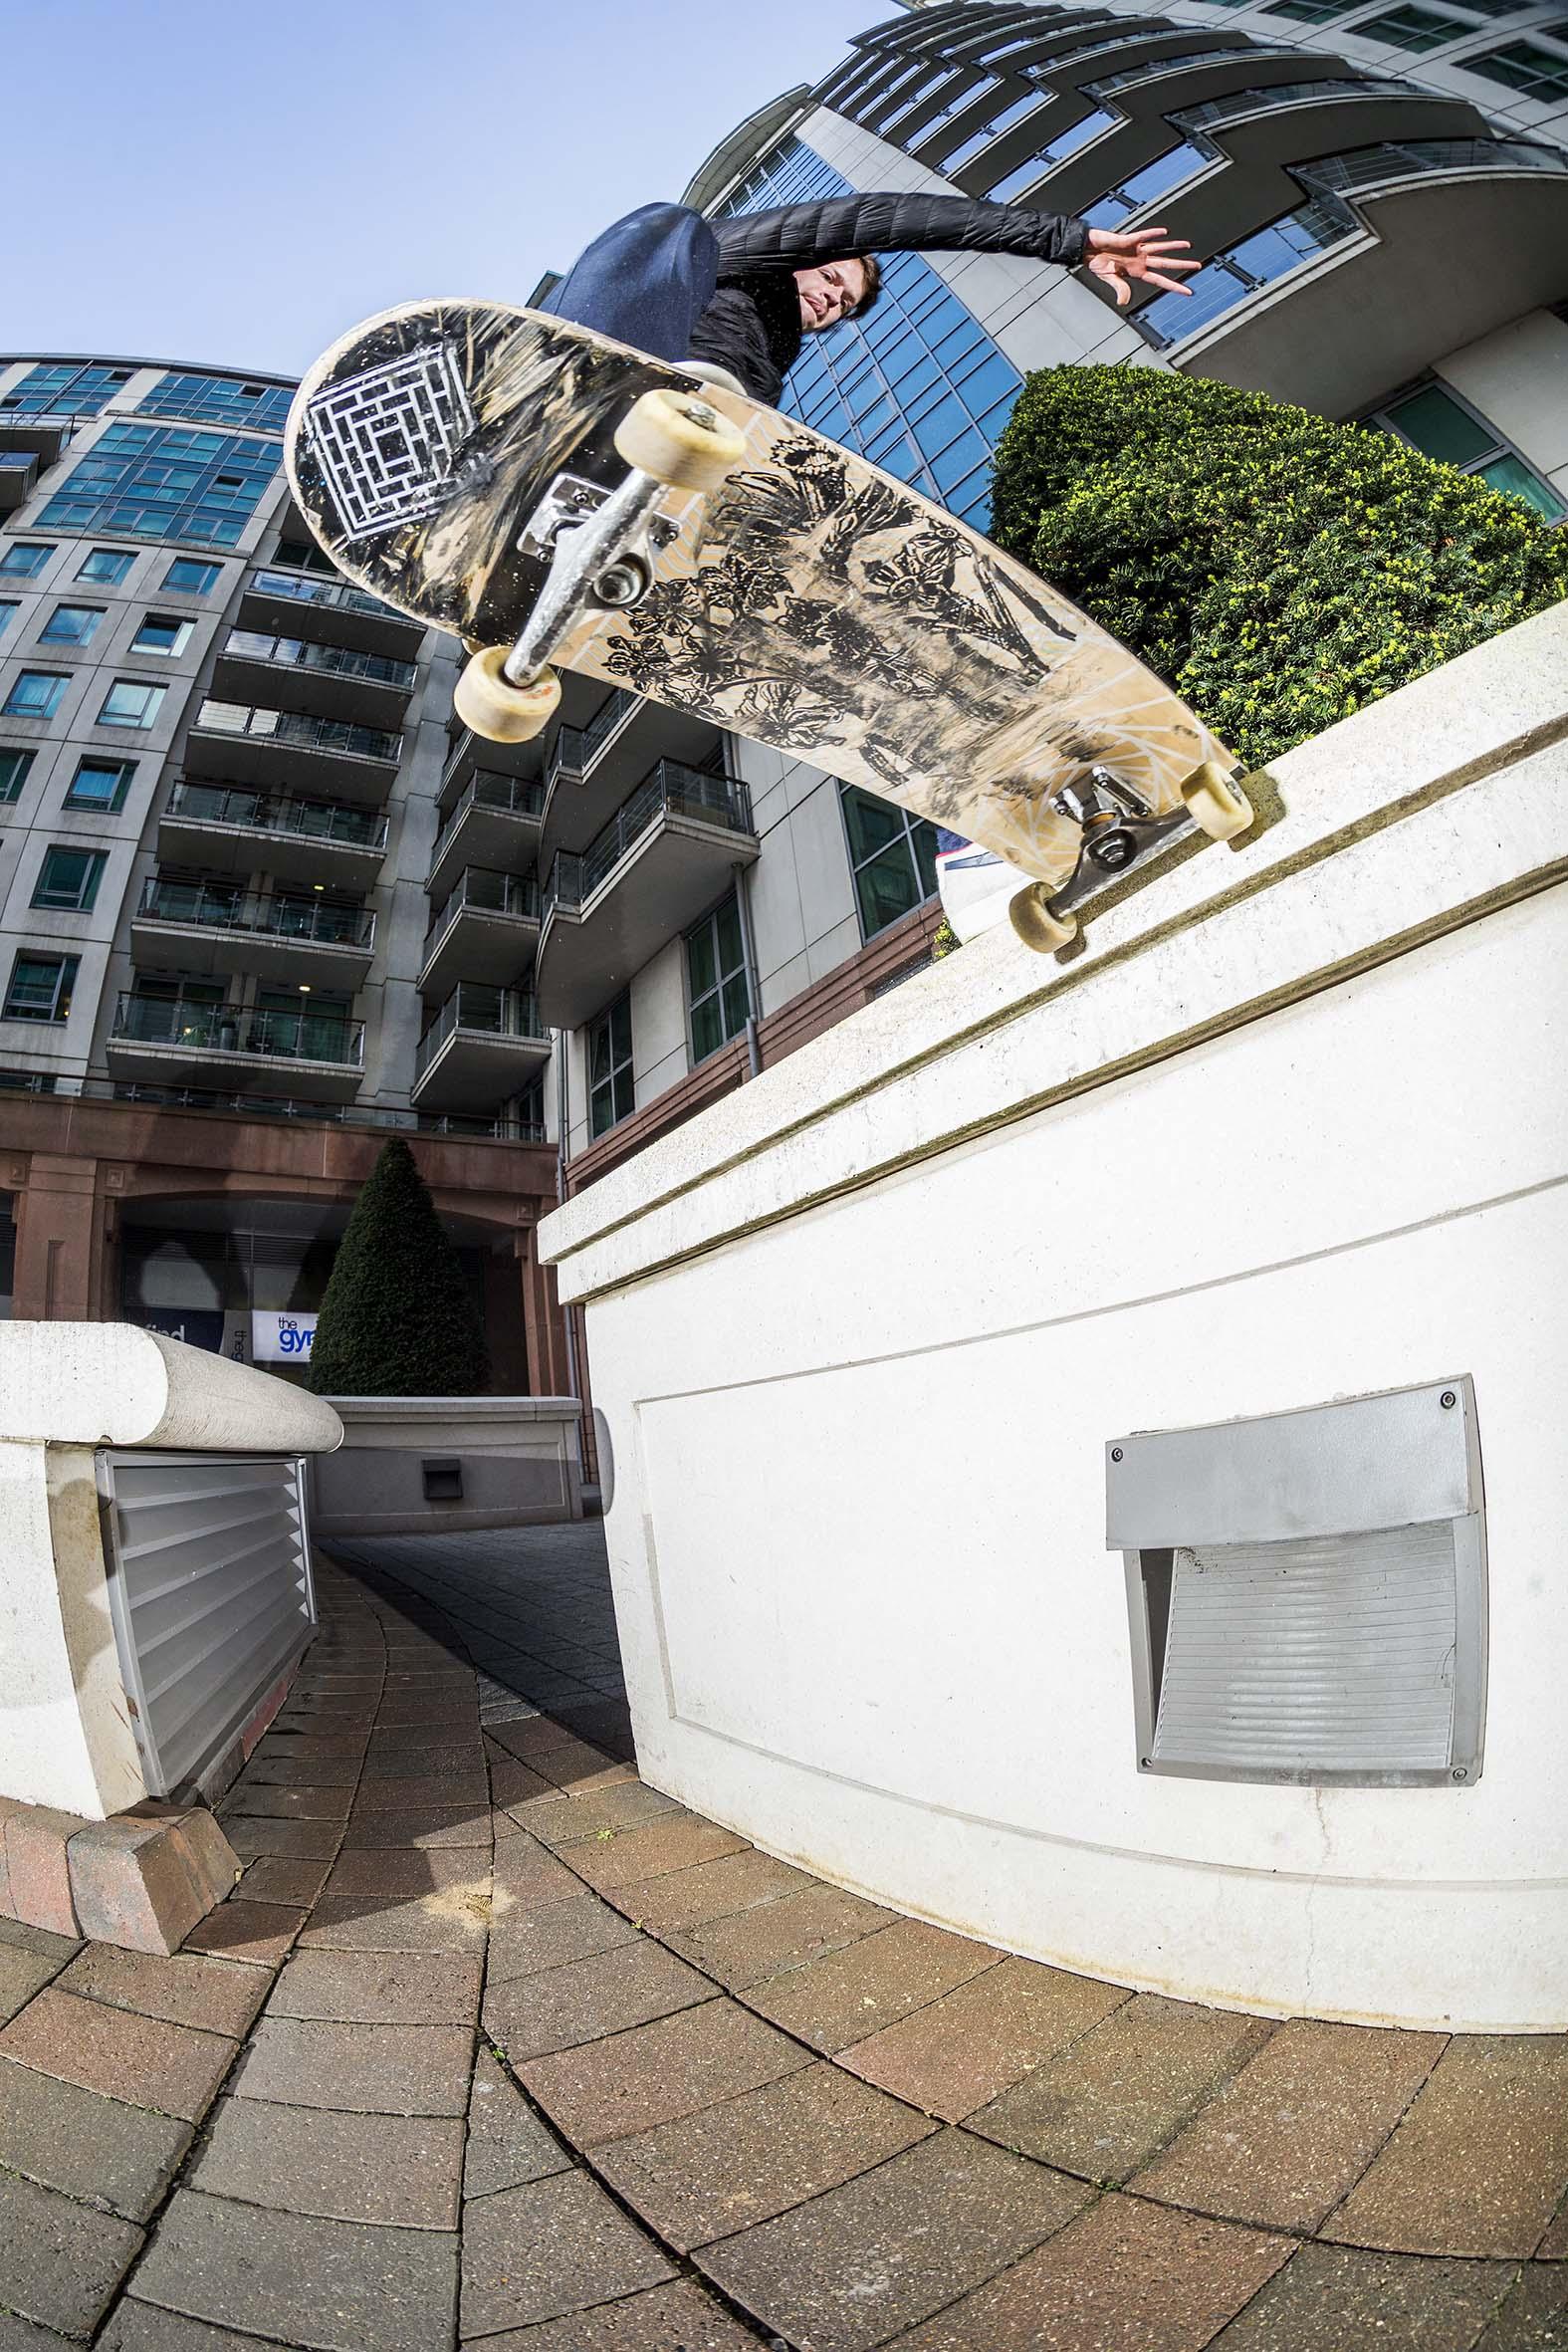 Vaughan Jones - gap frontside tailslide